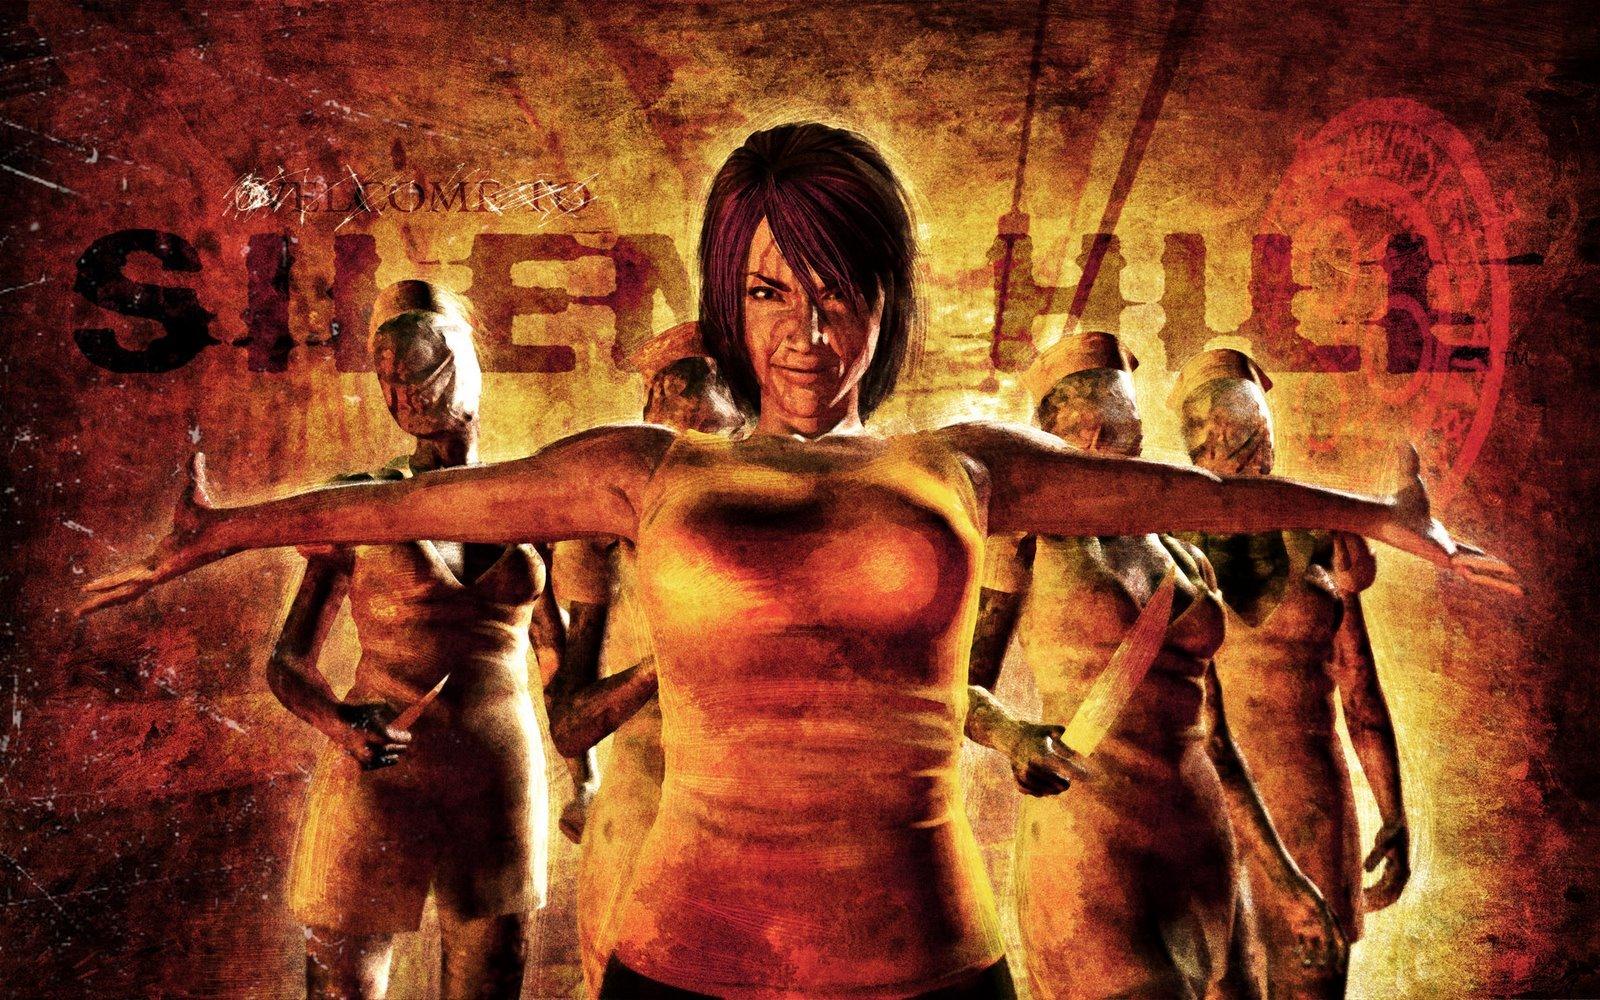 Комиксы Silent Hill. Часть 1. [spoiler alert] - Изображение 1